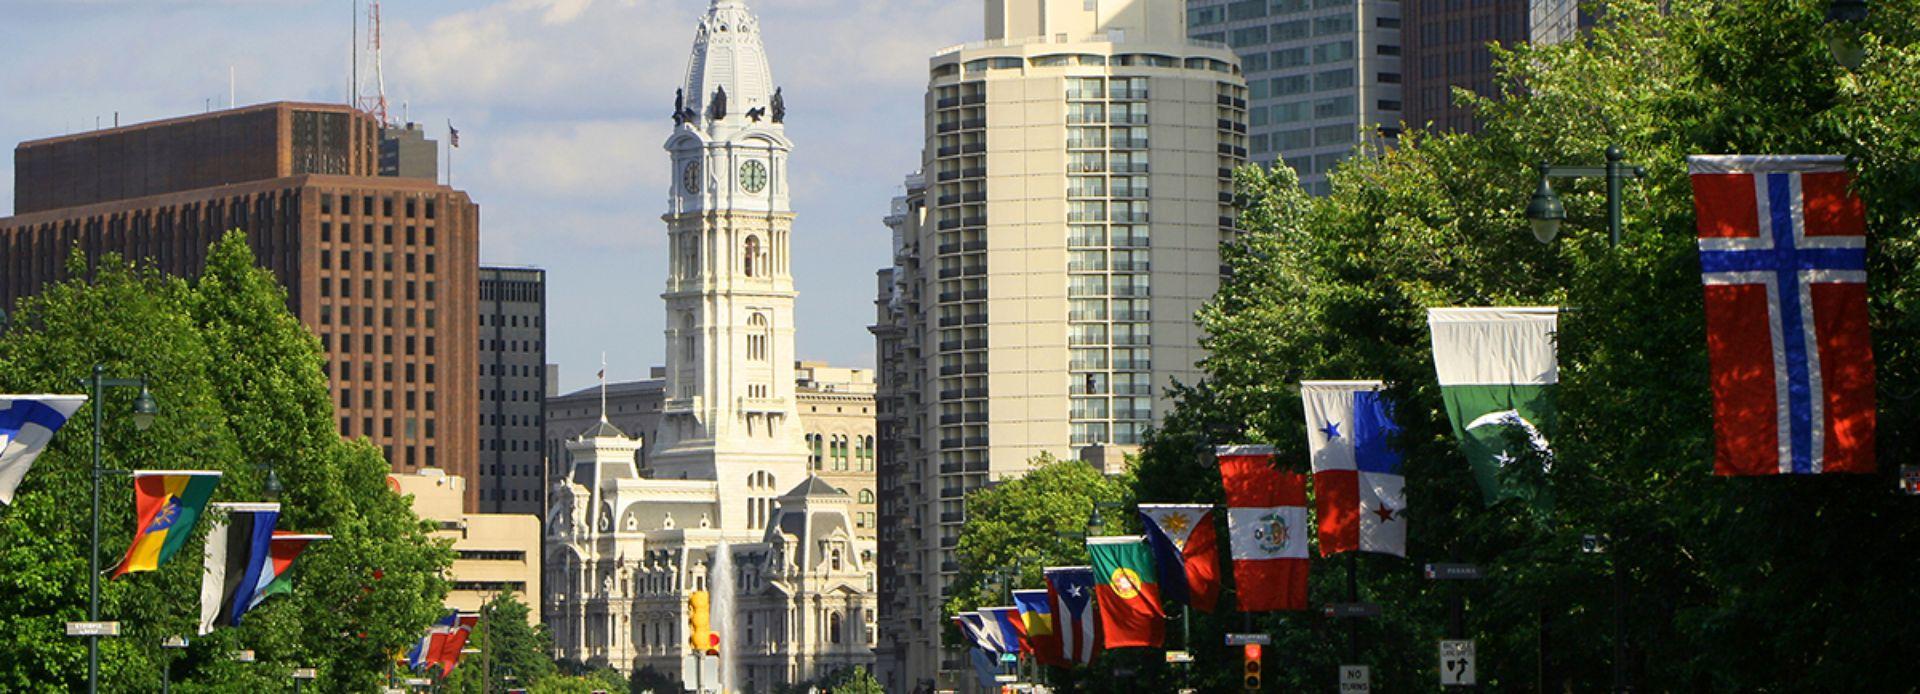 Philadelphia CityPASS C3, C4, & C5